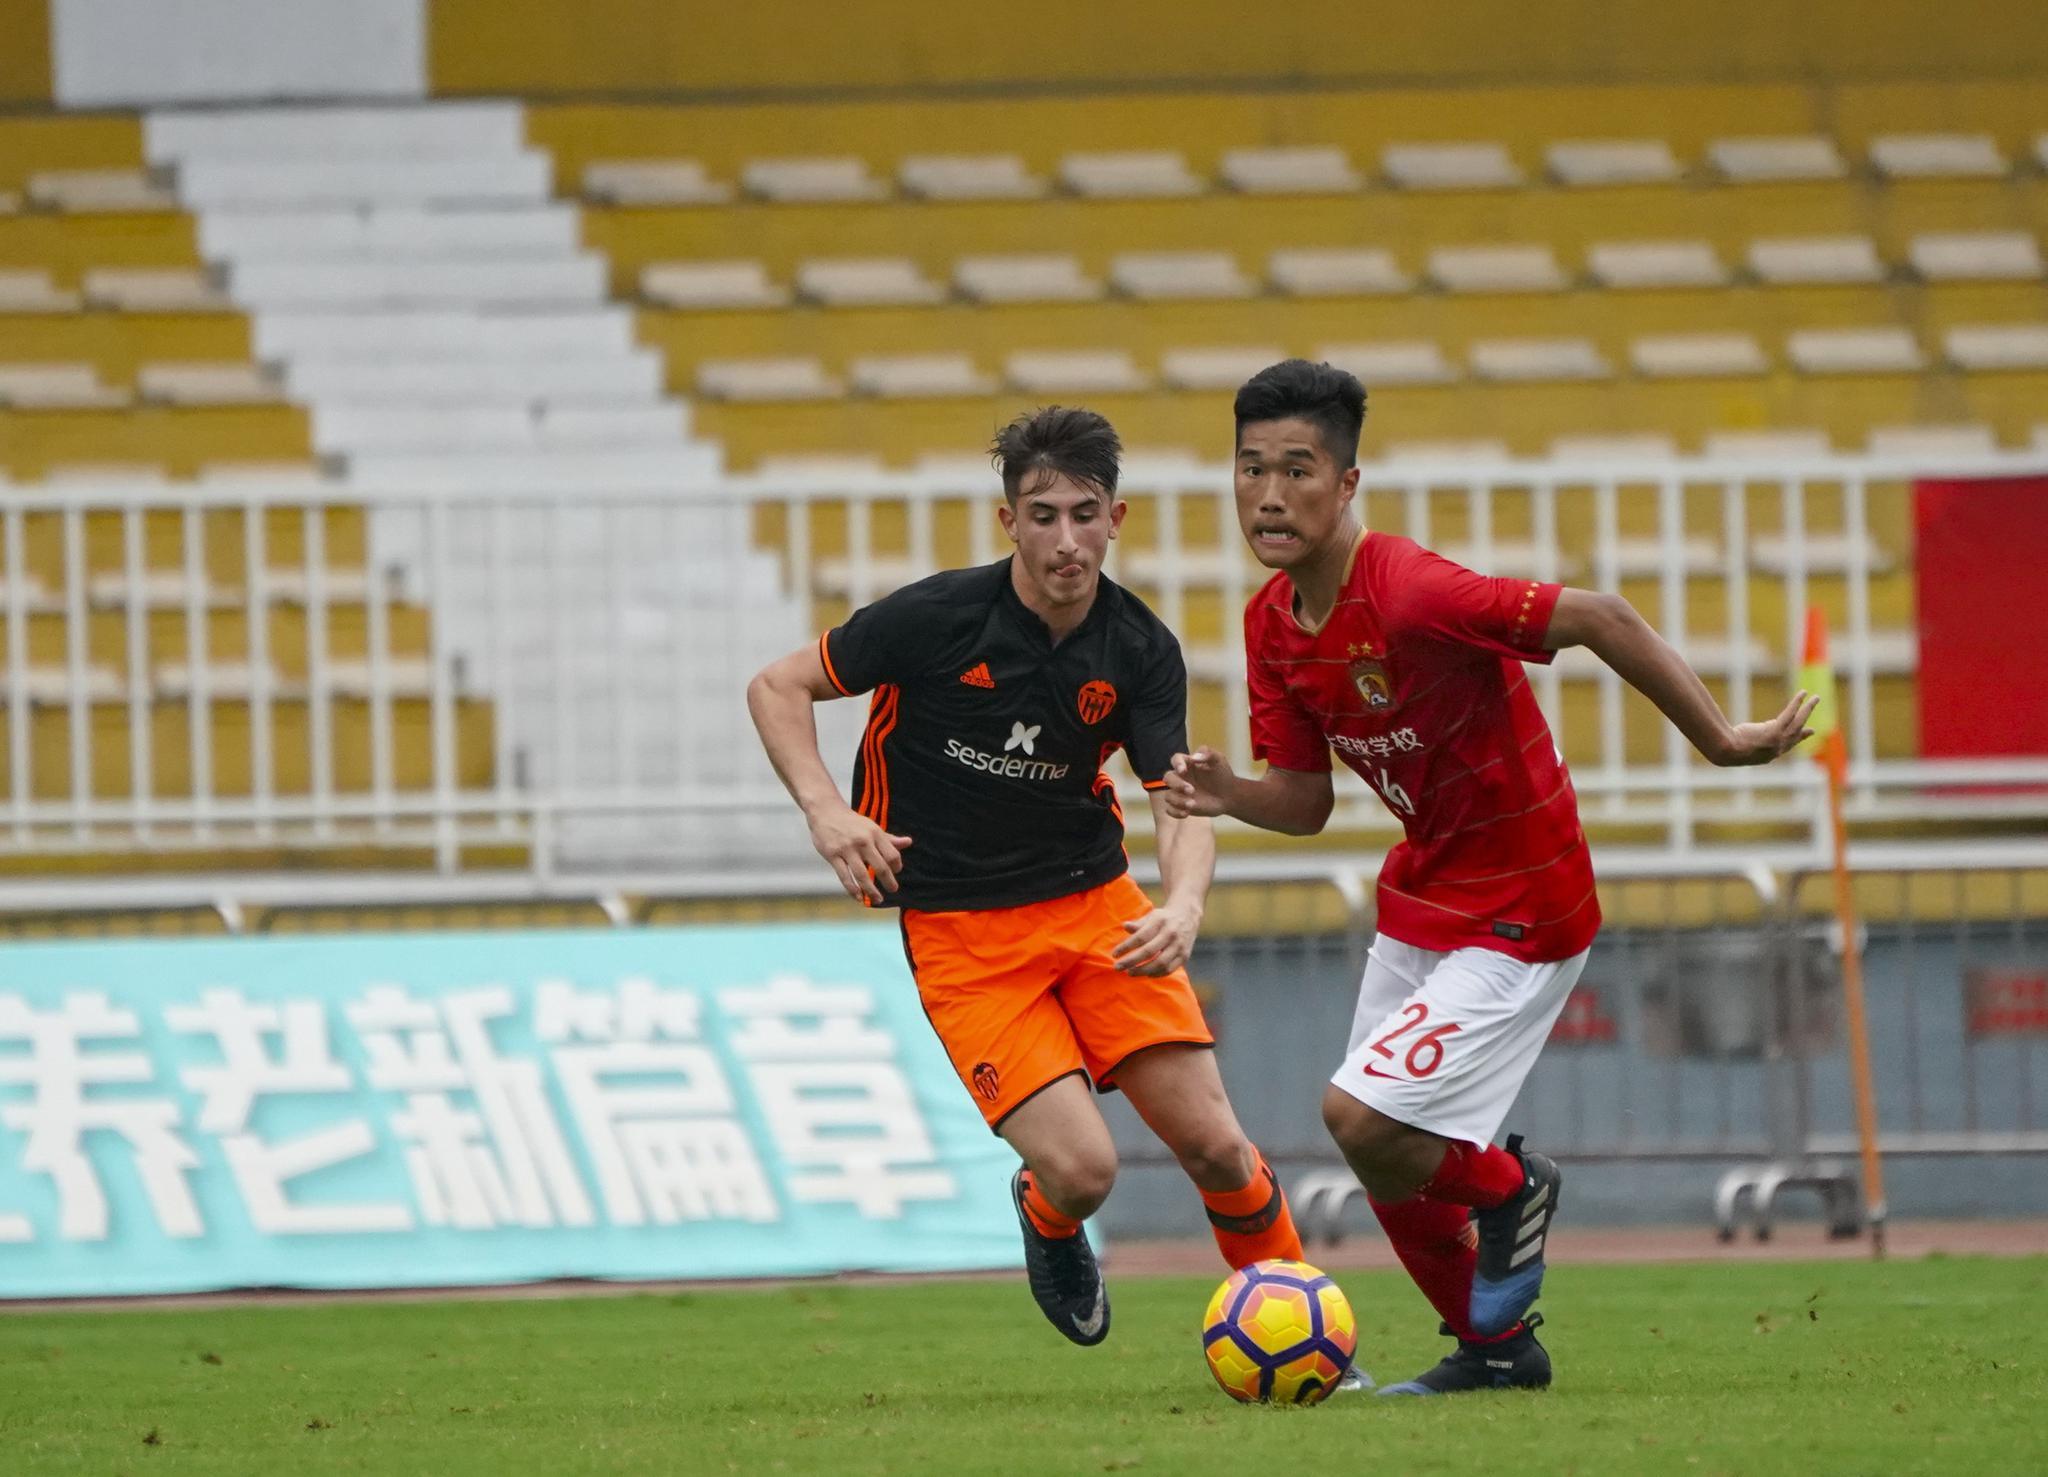 平均年龄25岁的广州队来了,11名足校选手入一队提振行业自信